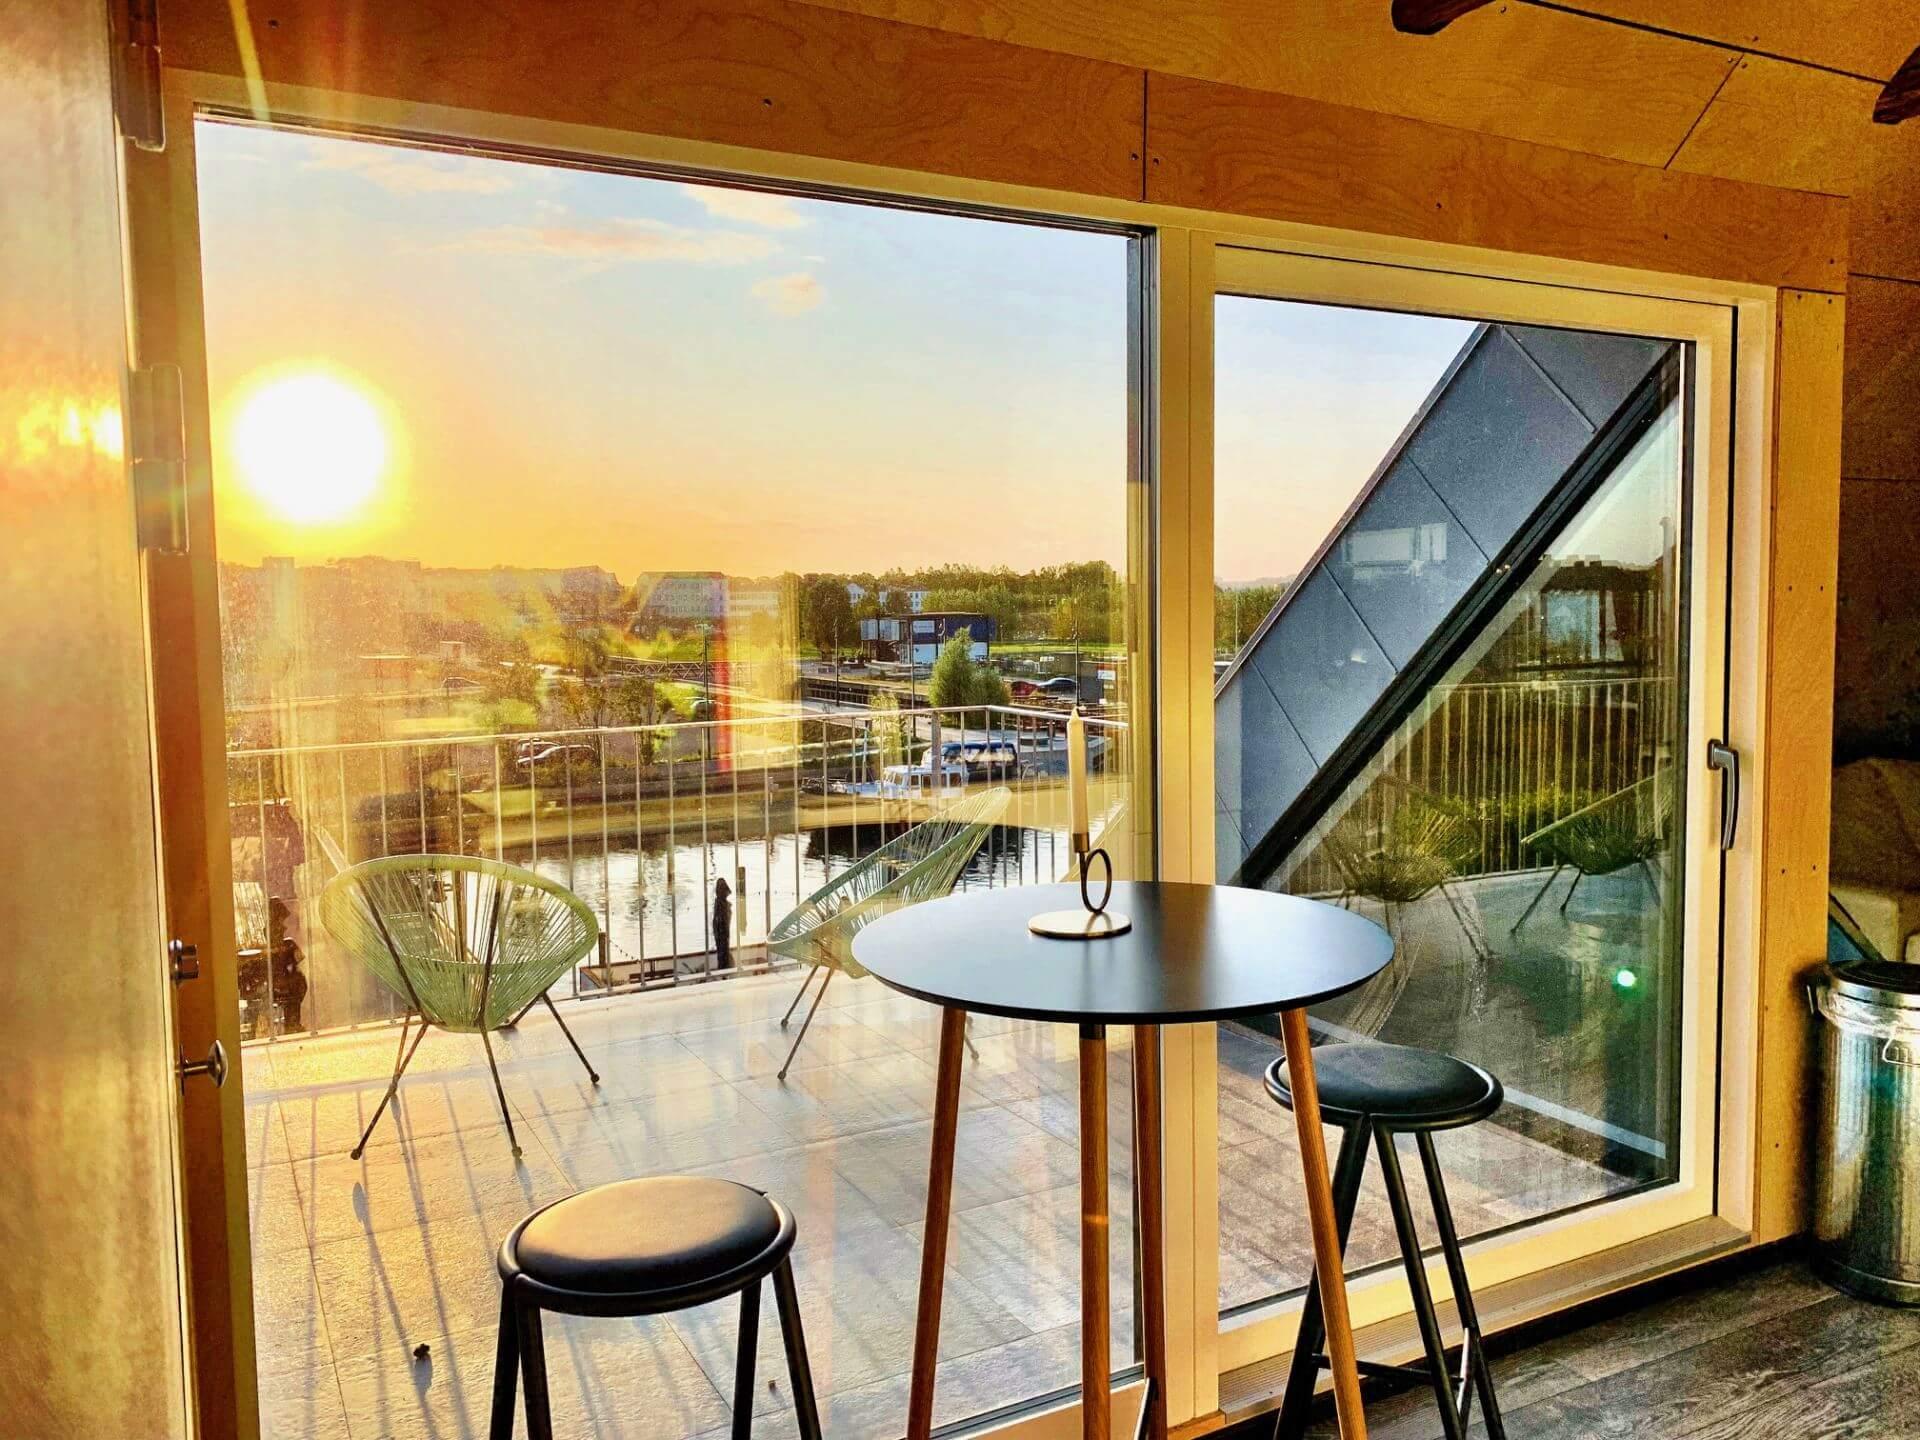 Taglejlighed med havudsigt - Hotel Gammel Havn